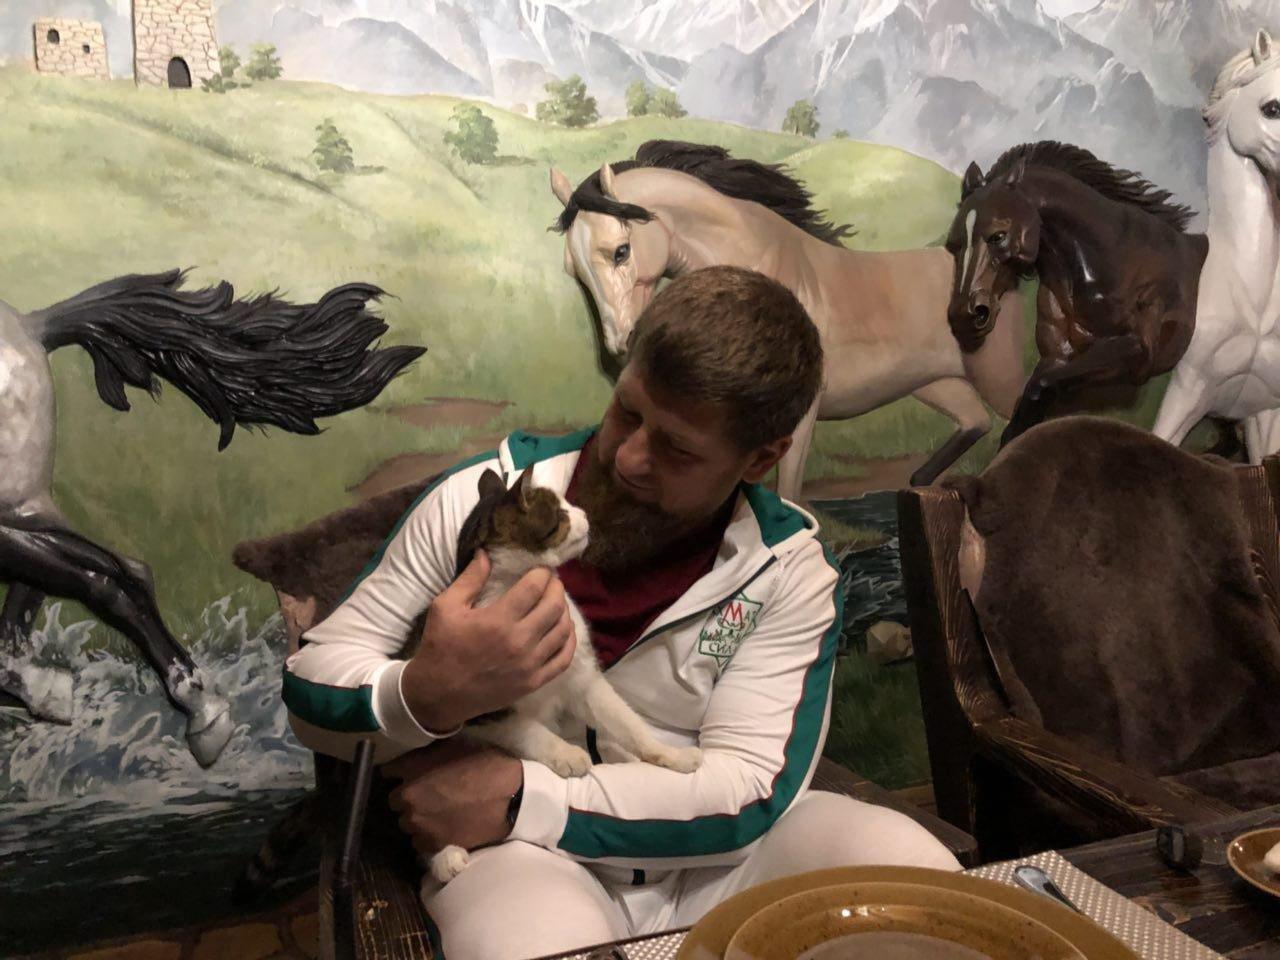 Кадыров рассказал трогательную историю о своем слепом коте в честь Международного дня кошки